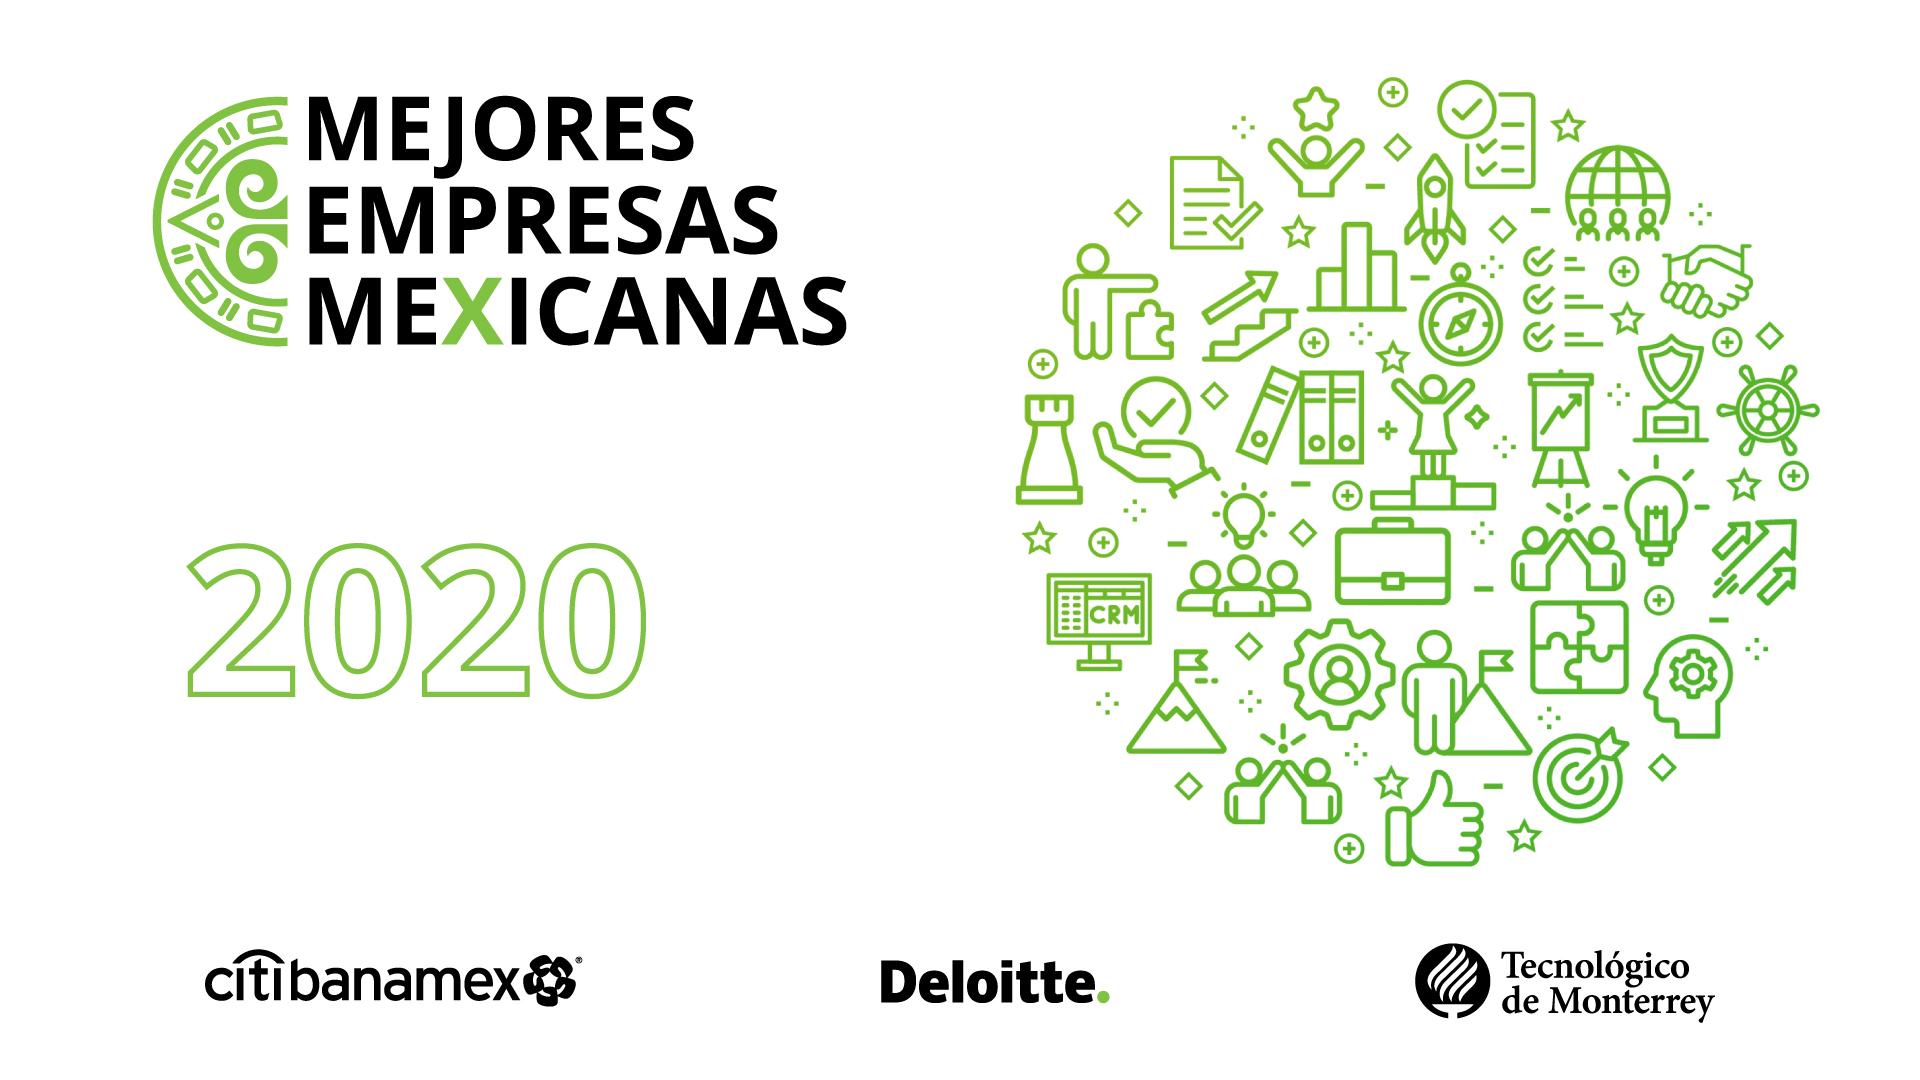 En su 11° edición, MEM selecciona 101 compañías para portar su galardón 2020